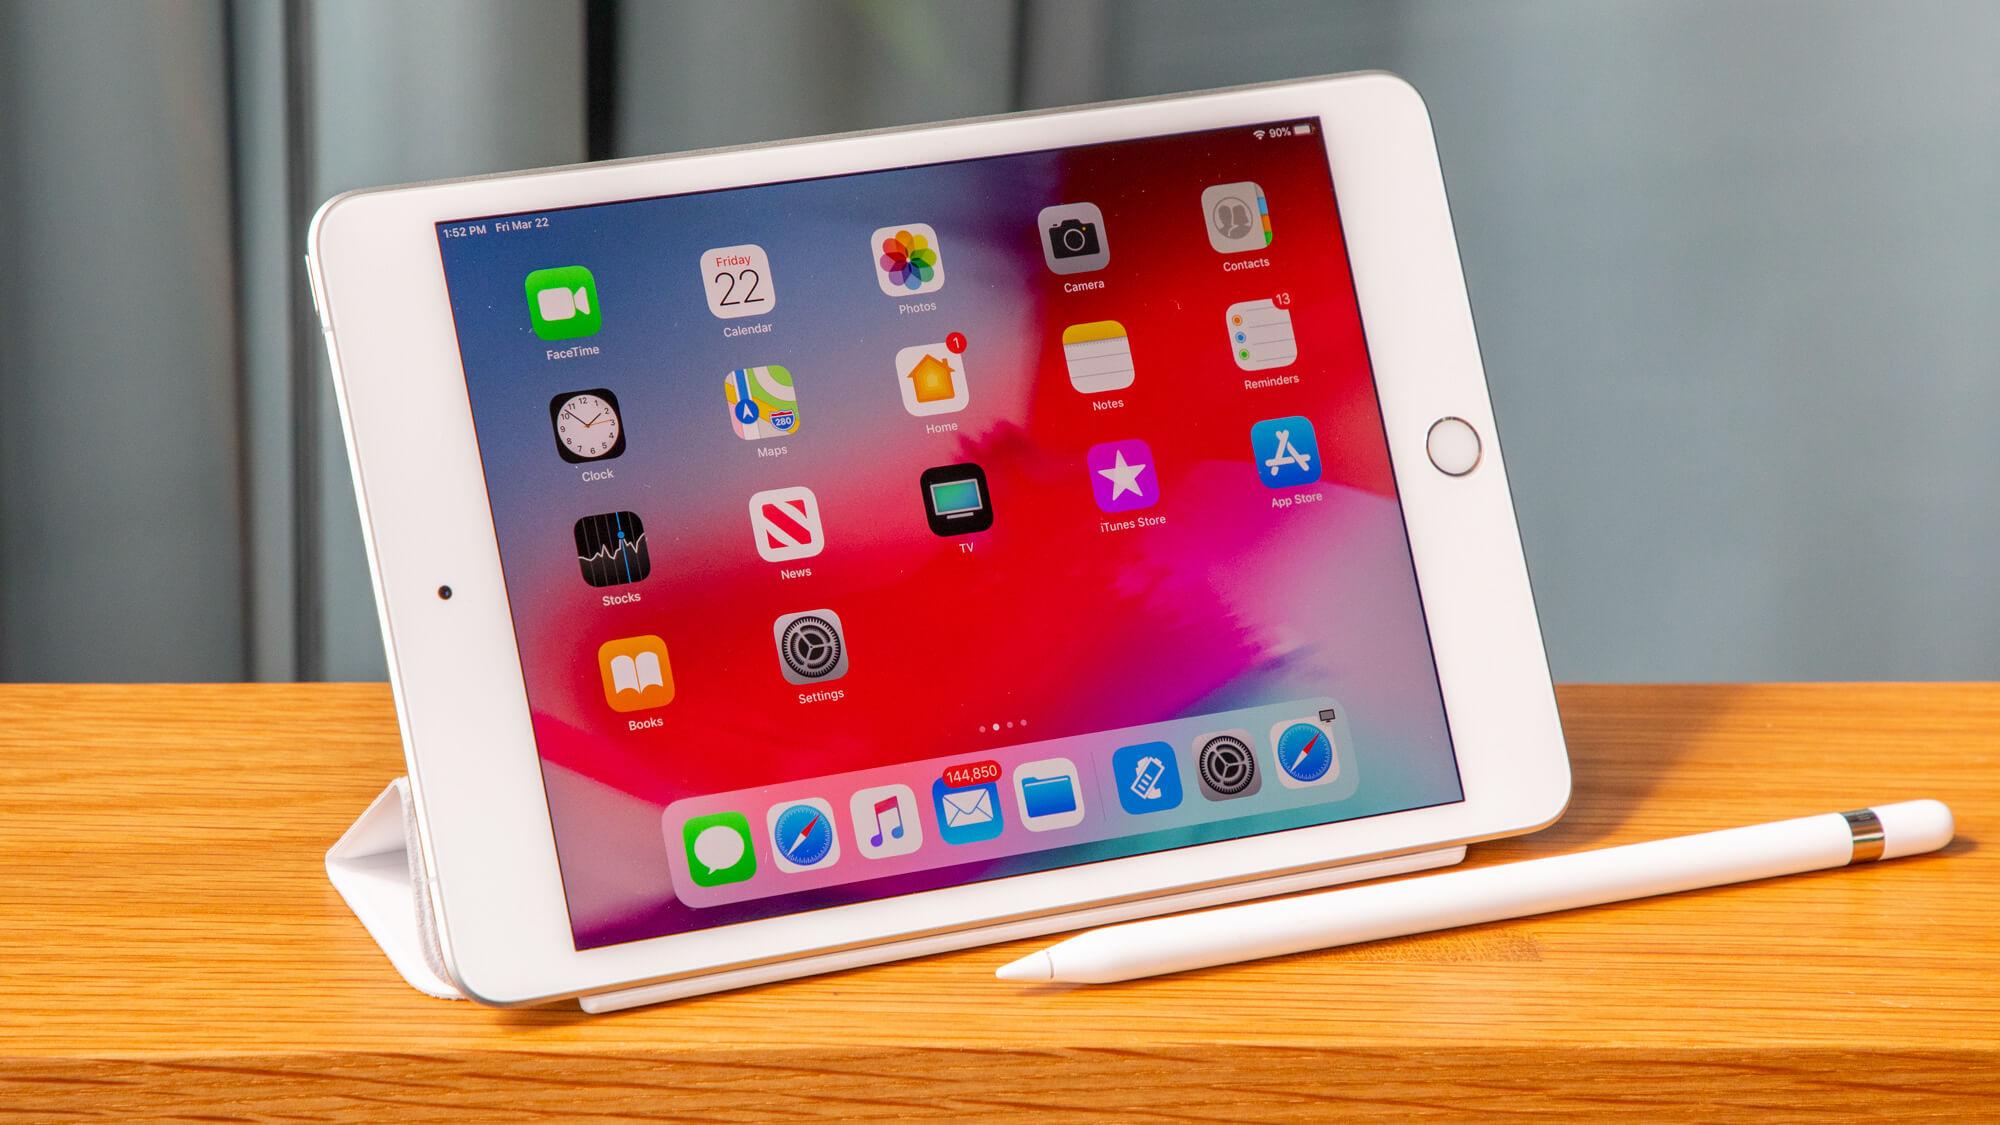 Узнавайте о получении предупреждений с помощью светодиодной вспышки на iPhone и iPadPro - Служба поддержки Apple (RU)